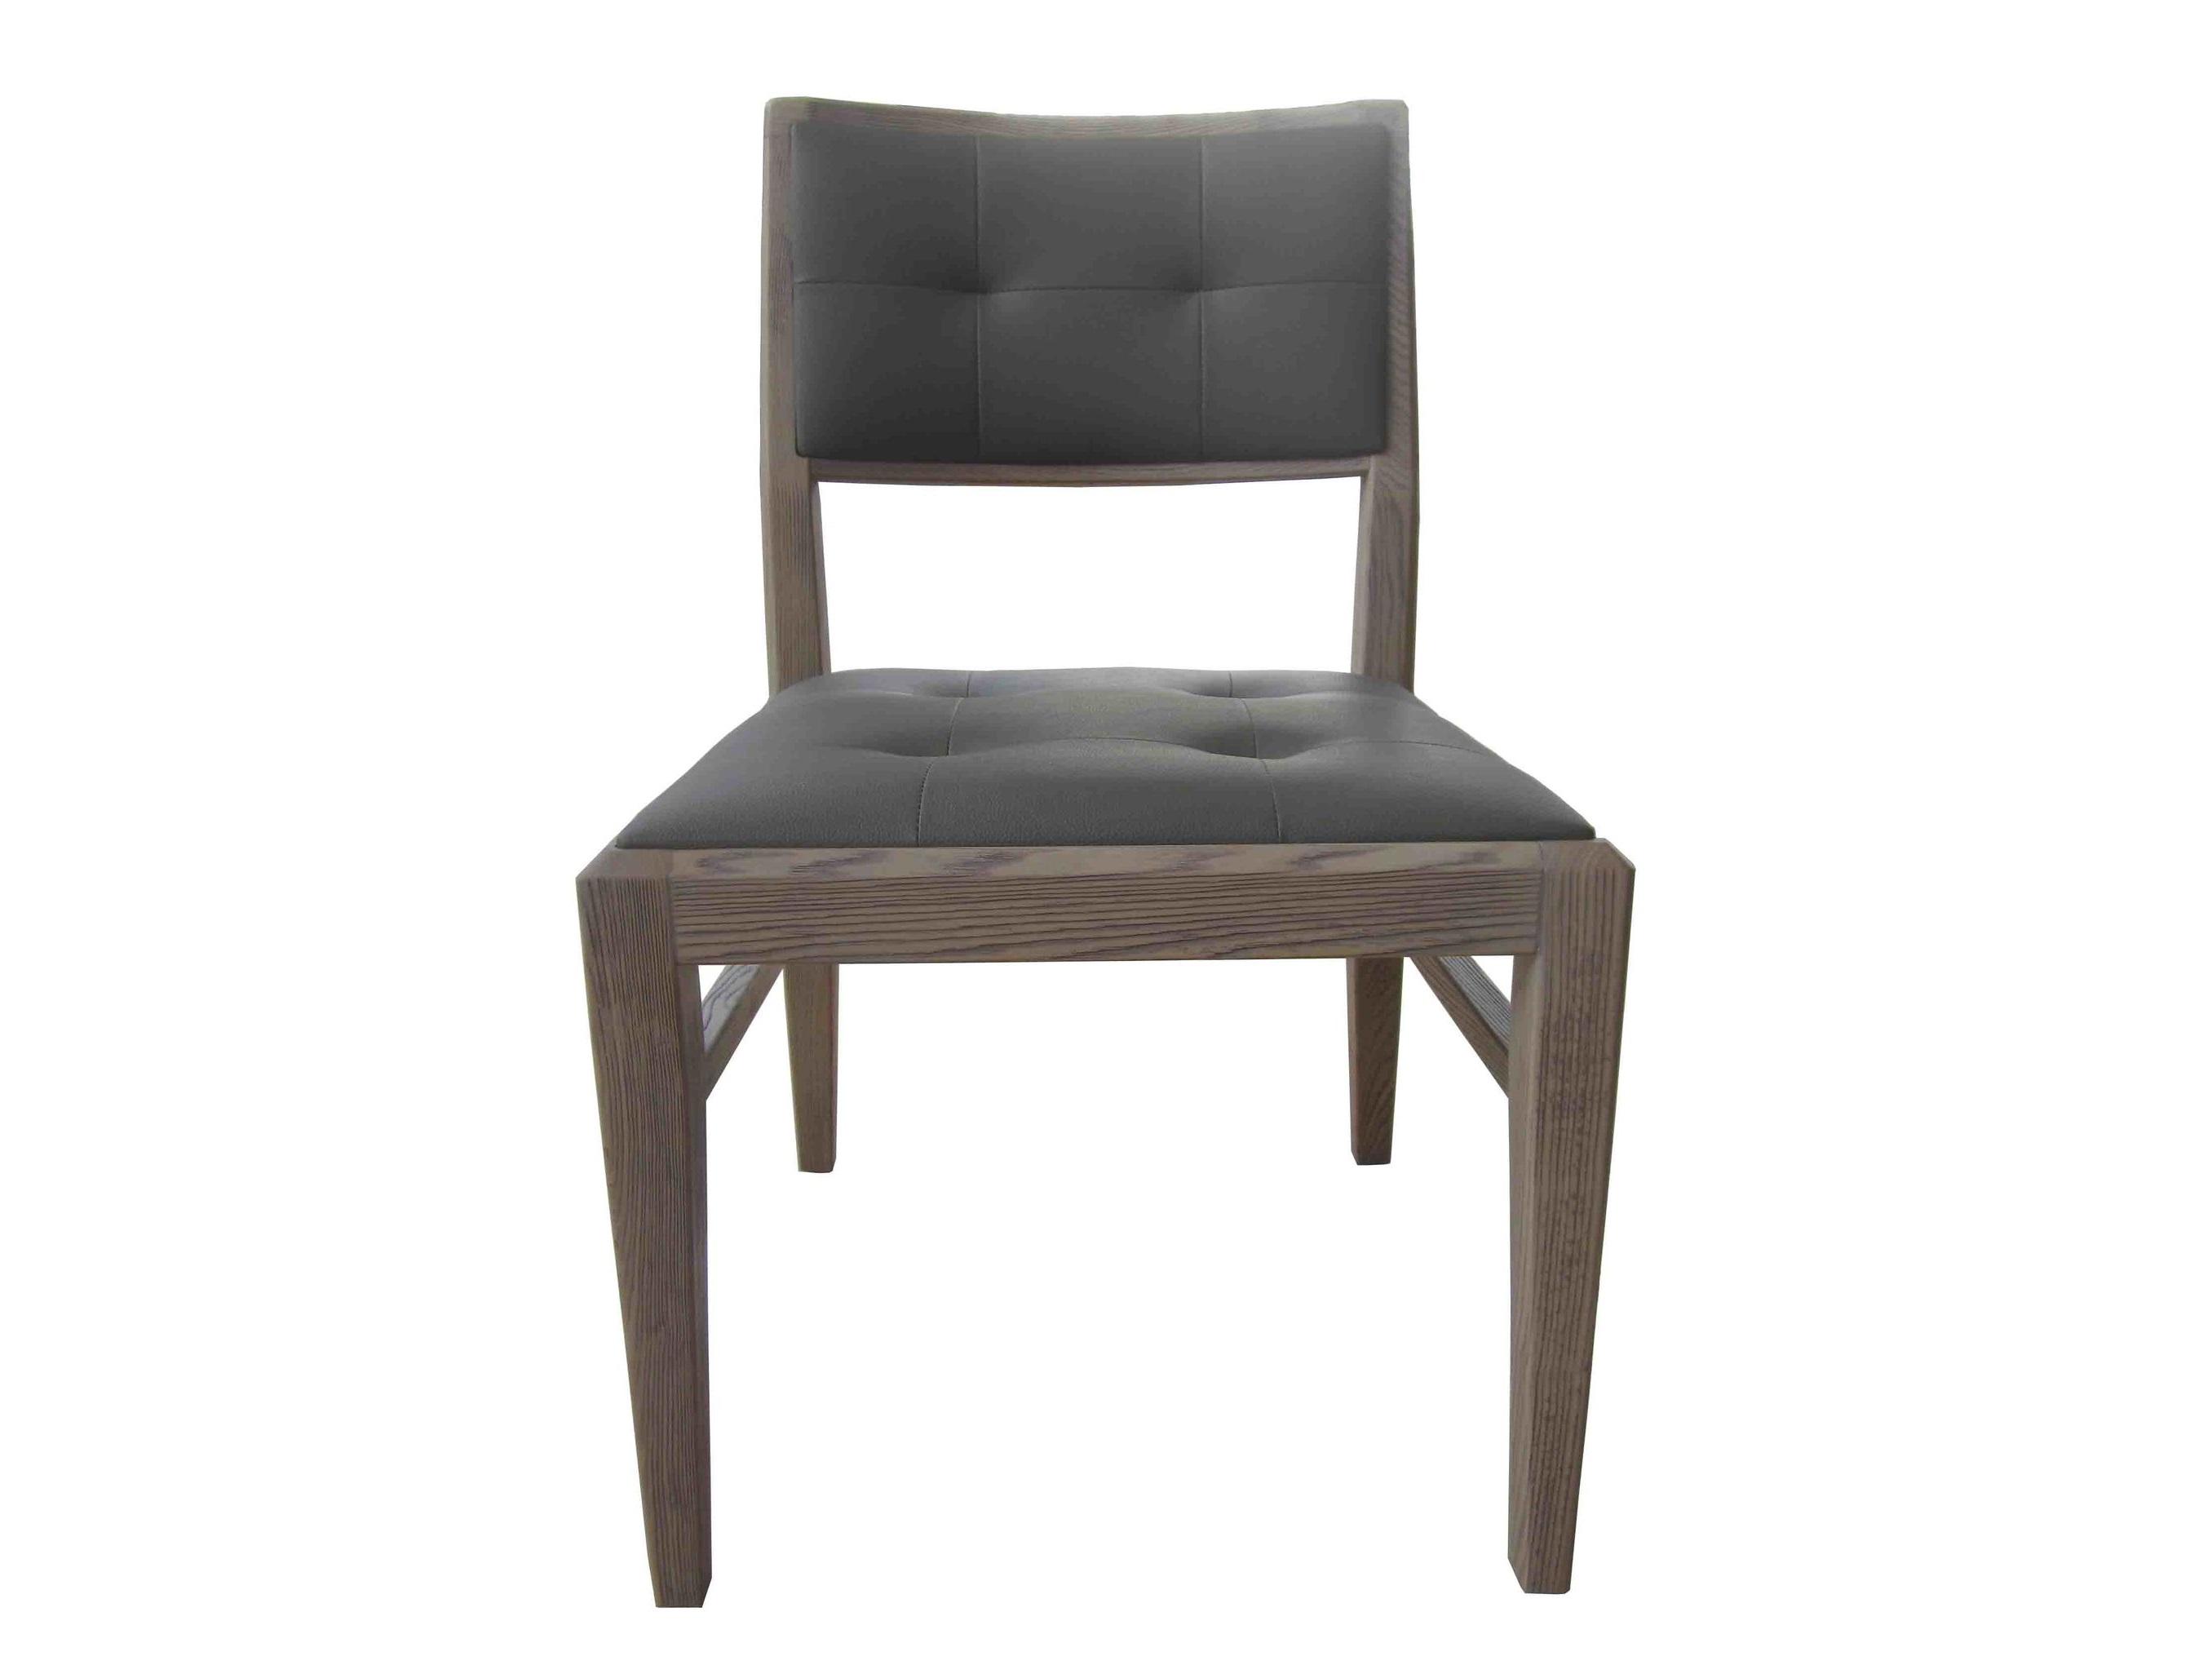 Стул Lago MaggioreОбеденные стулья<br>В его формах видна строгость классики, простота минимализма, новизна модерна. Он хорошо впишется в интерьер гостиной, столовой или кухни. Мягкое удобное сиденье позволяет стильному стулу оставаться комфортным.&amp;nbsp;Материалы: МДФ, шпон, кожа<br><br>kit: None<br>gender: None